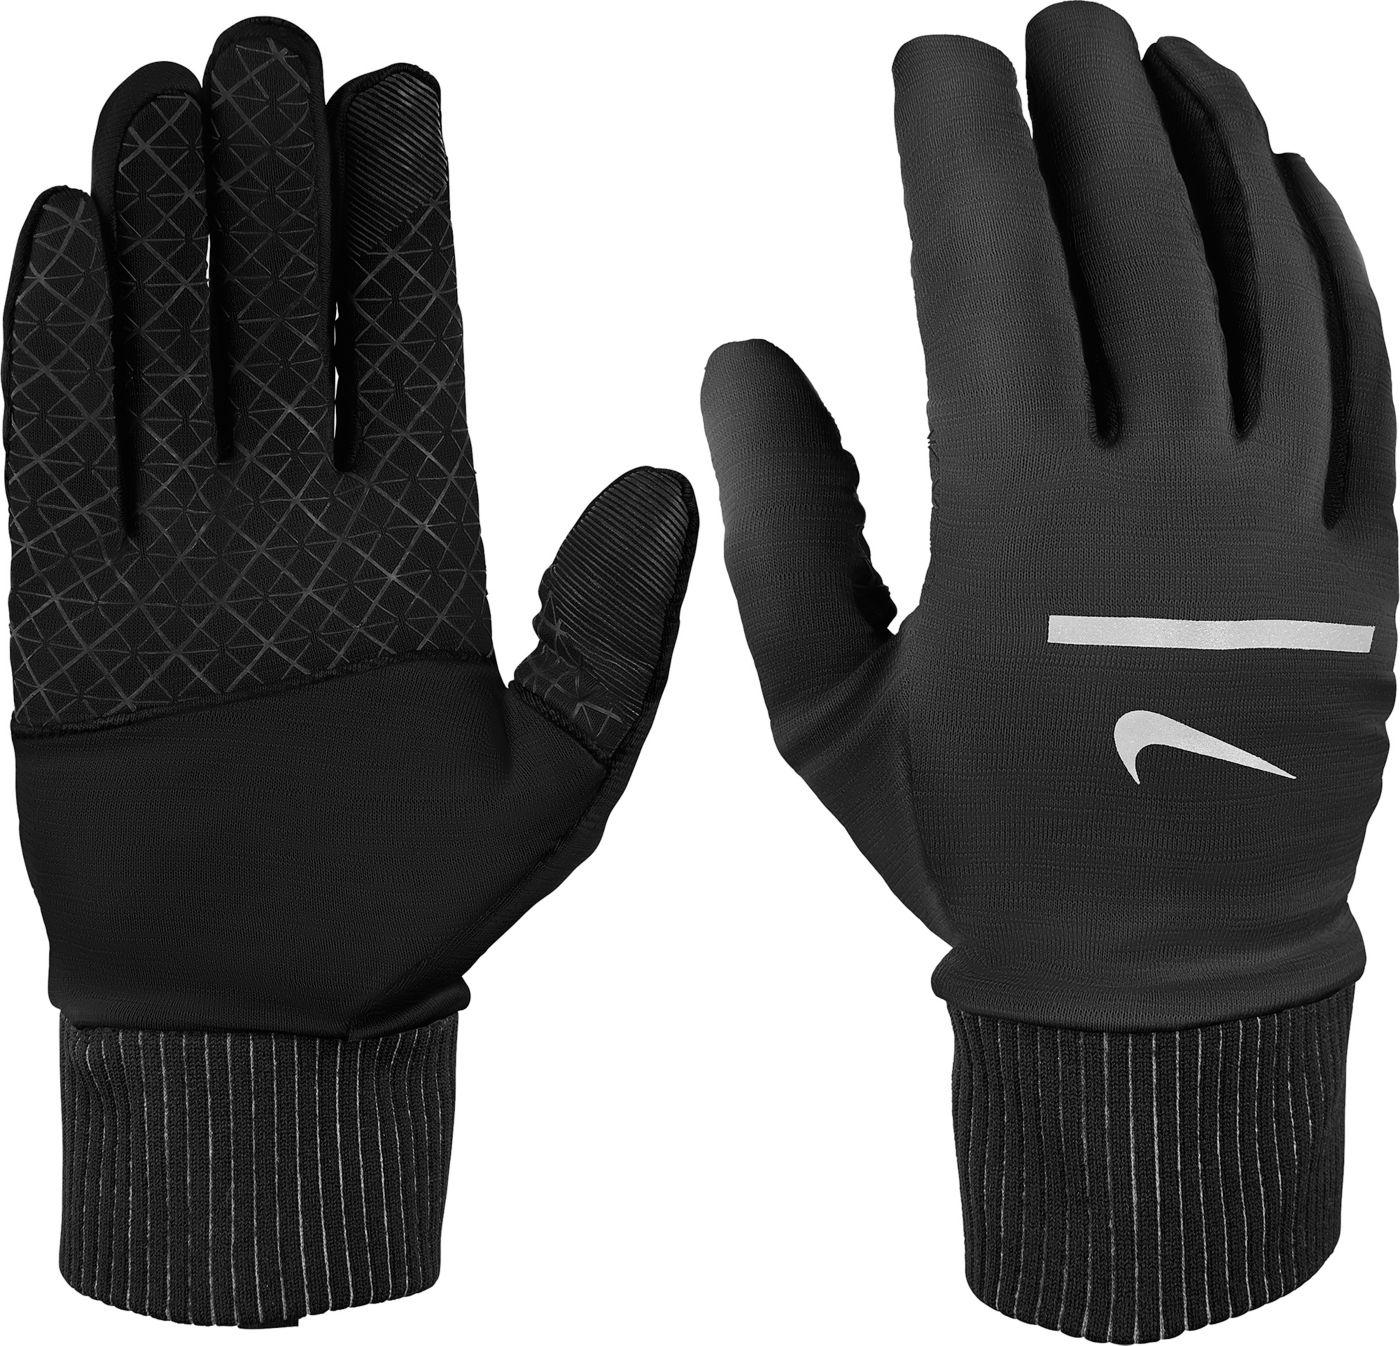 Nike Men's Sphere Running 2.0 Gloves